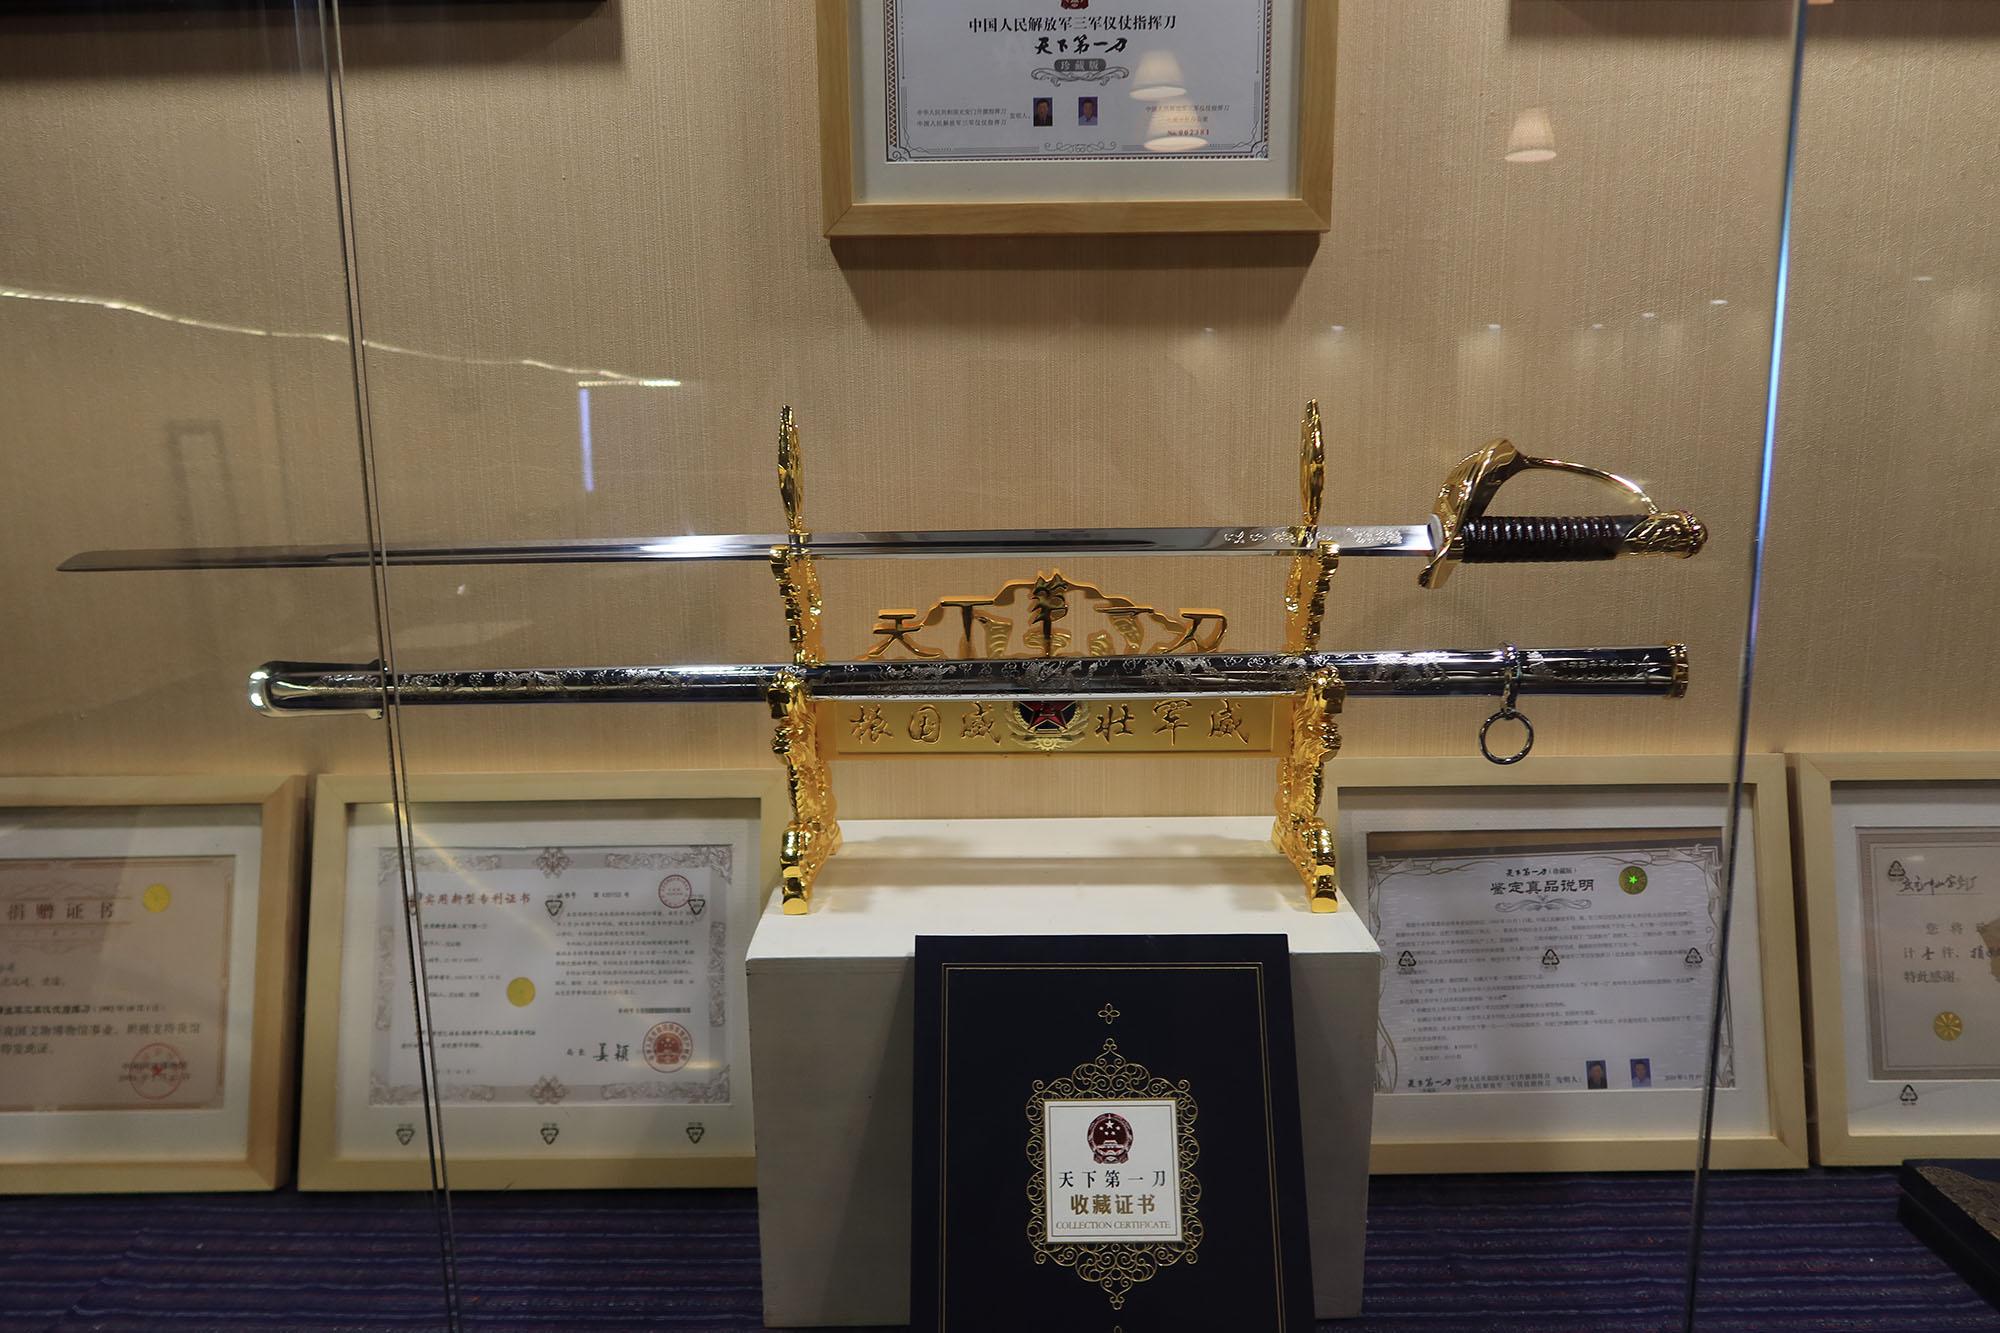 剑舍博物馆